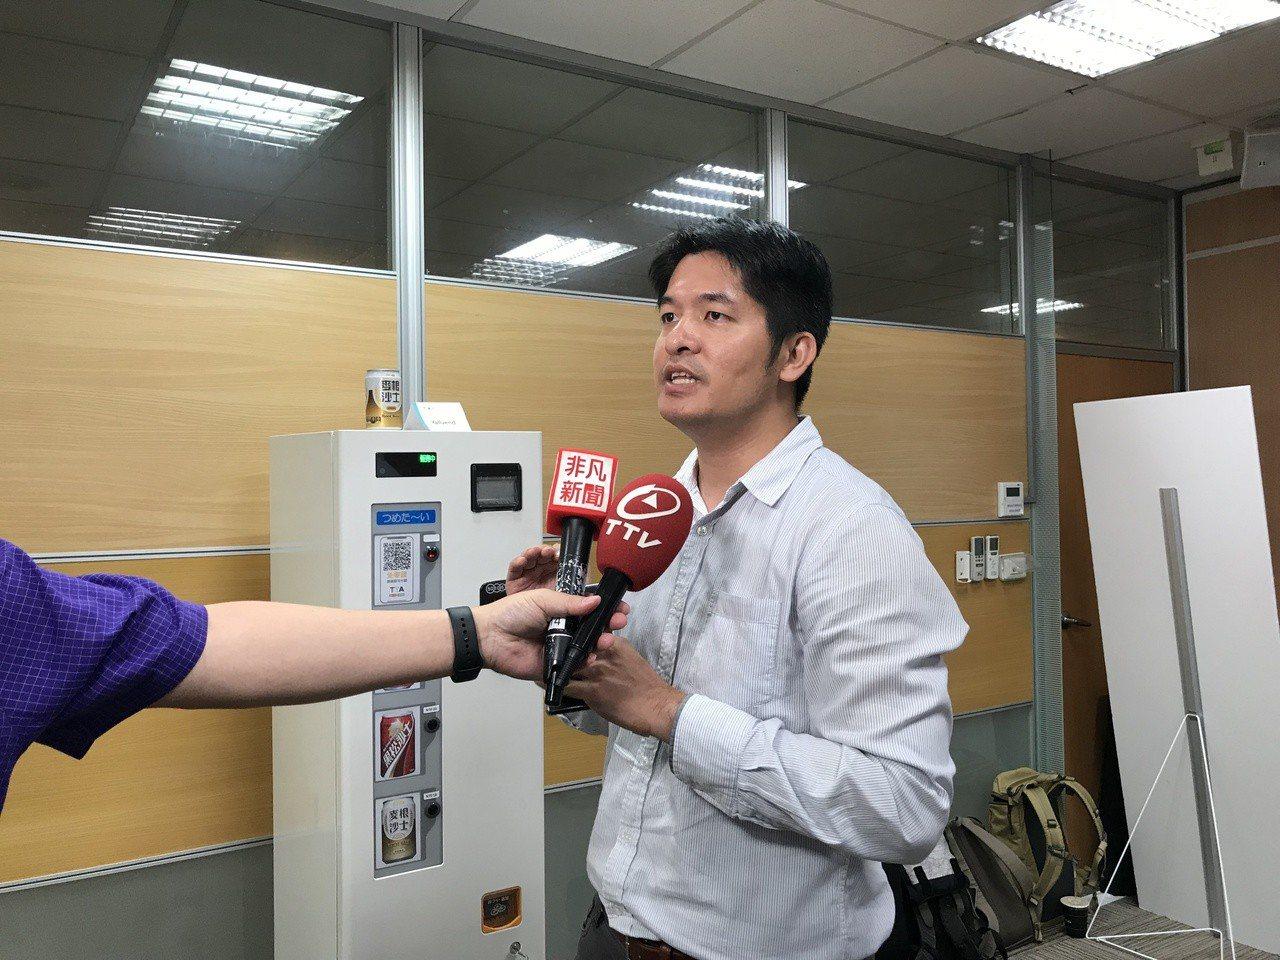 業安科技執行長黃建堯。記者潘乃欣/攝影